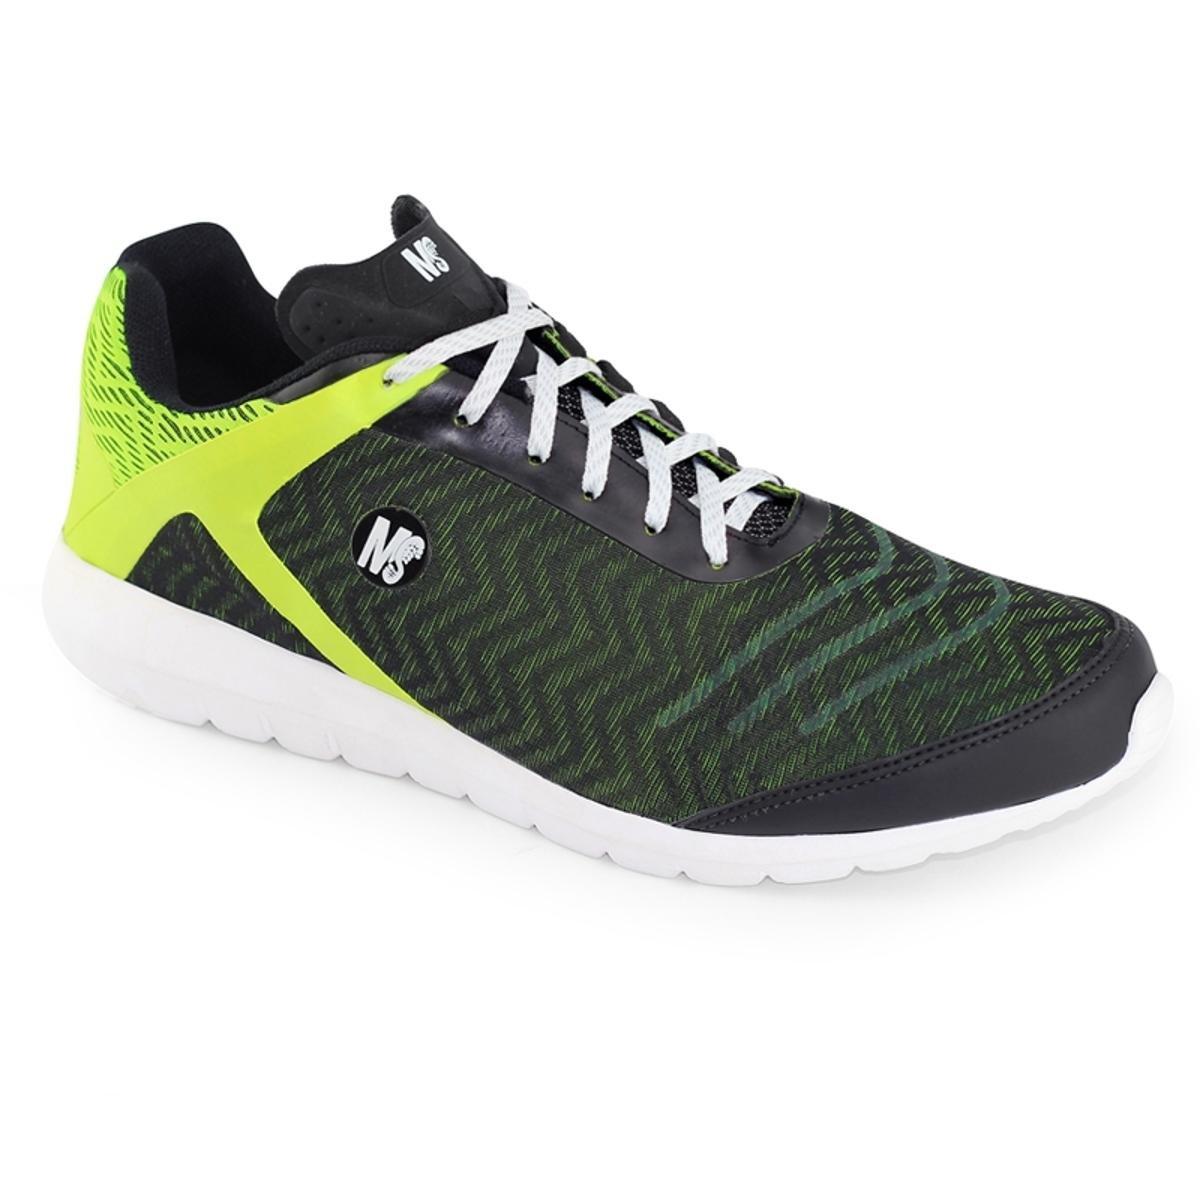 FIT Verde Tênis e 0722 Meu Tênis Branco Meu Sapato wwqSP6I